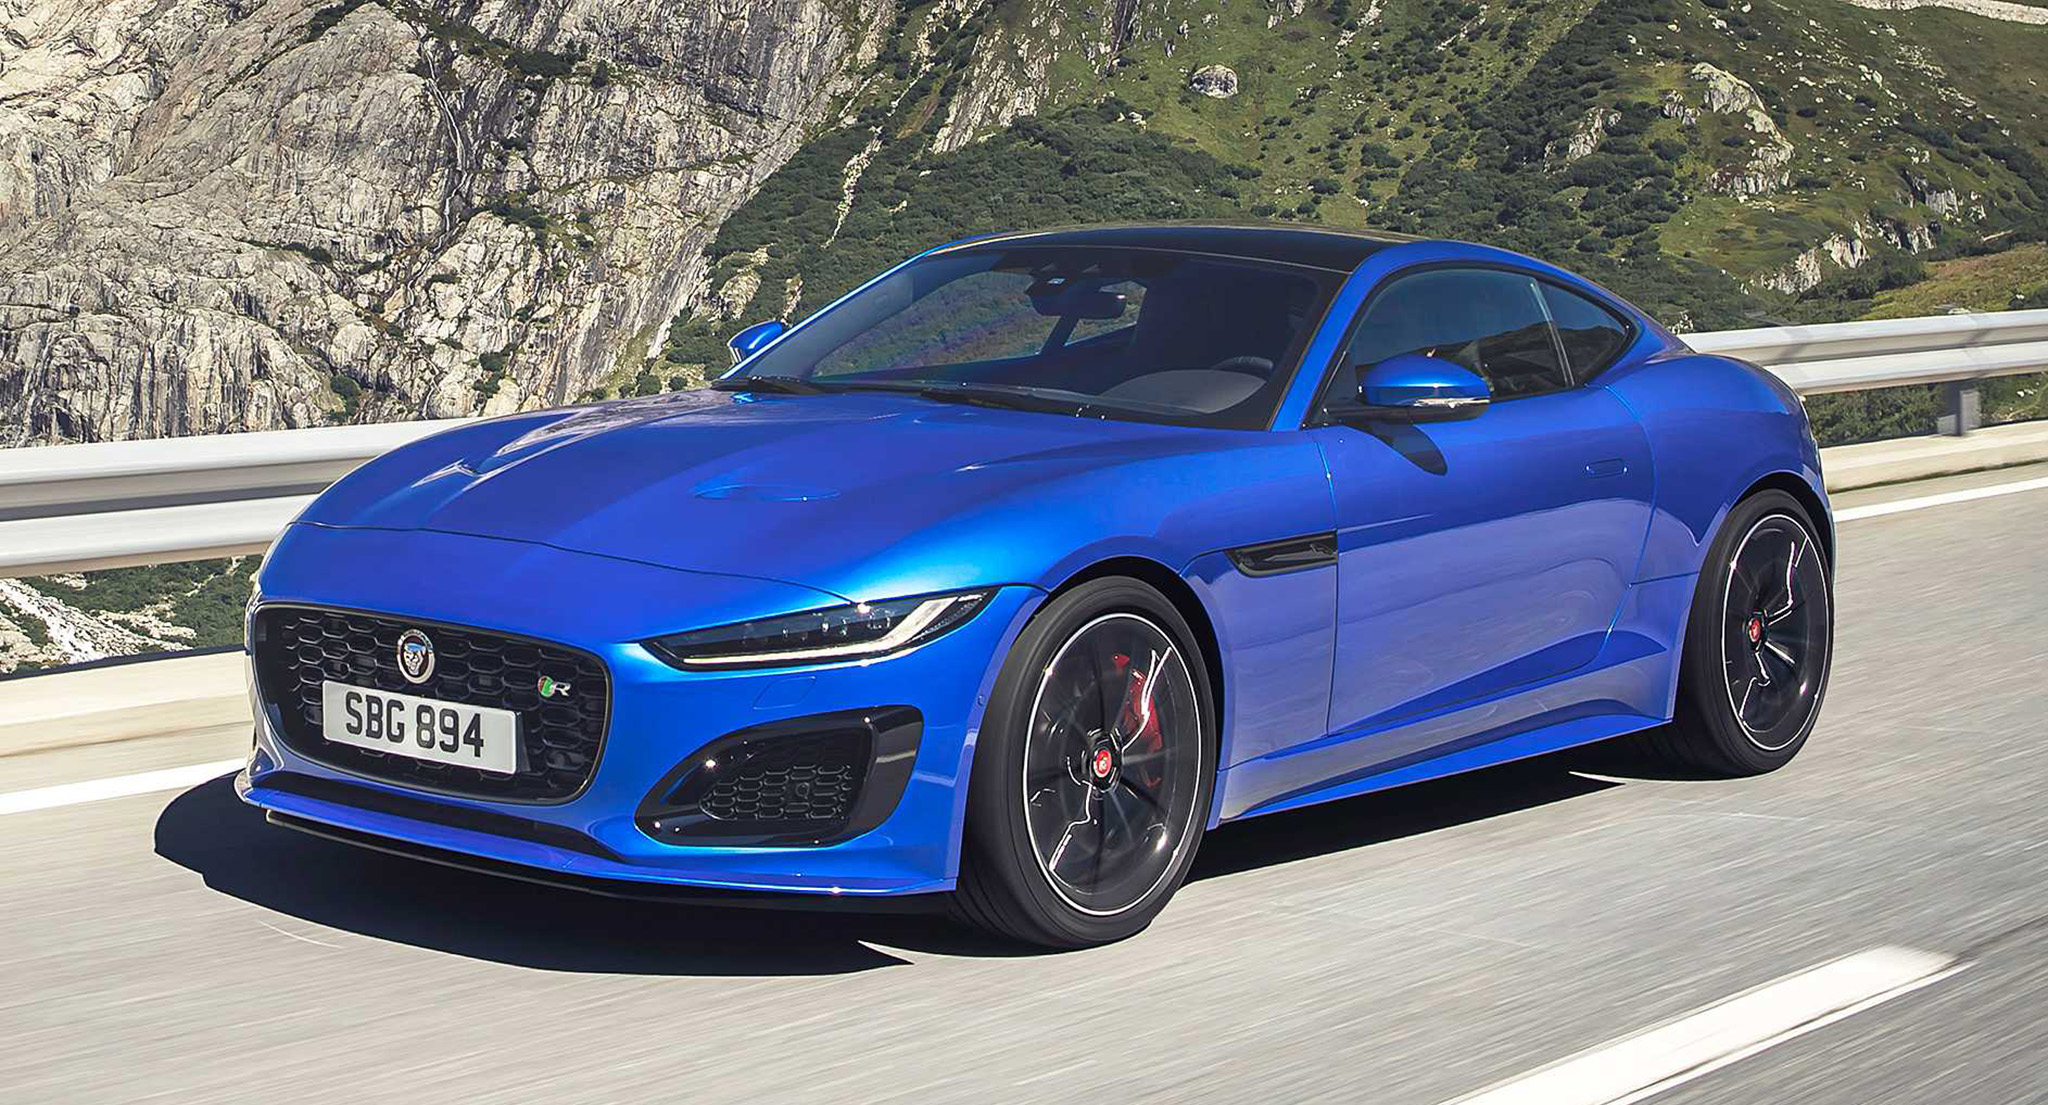 Xe thể thao hai cửa Jaguar F-Type 2021 ra mắt, giá từ 70.000 USD